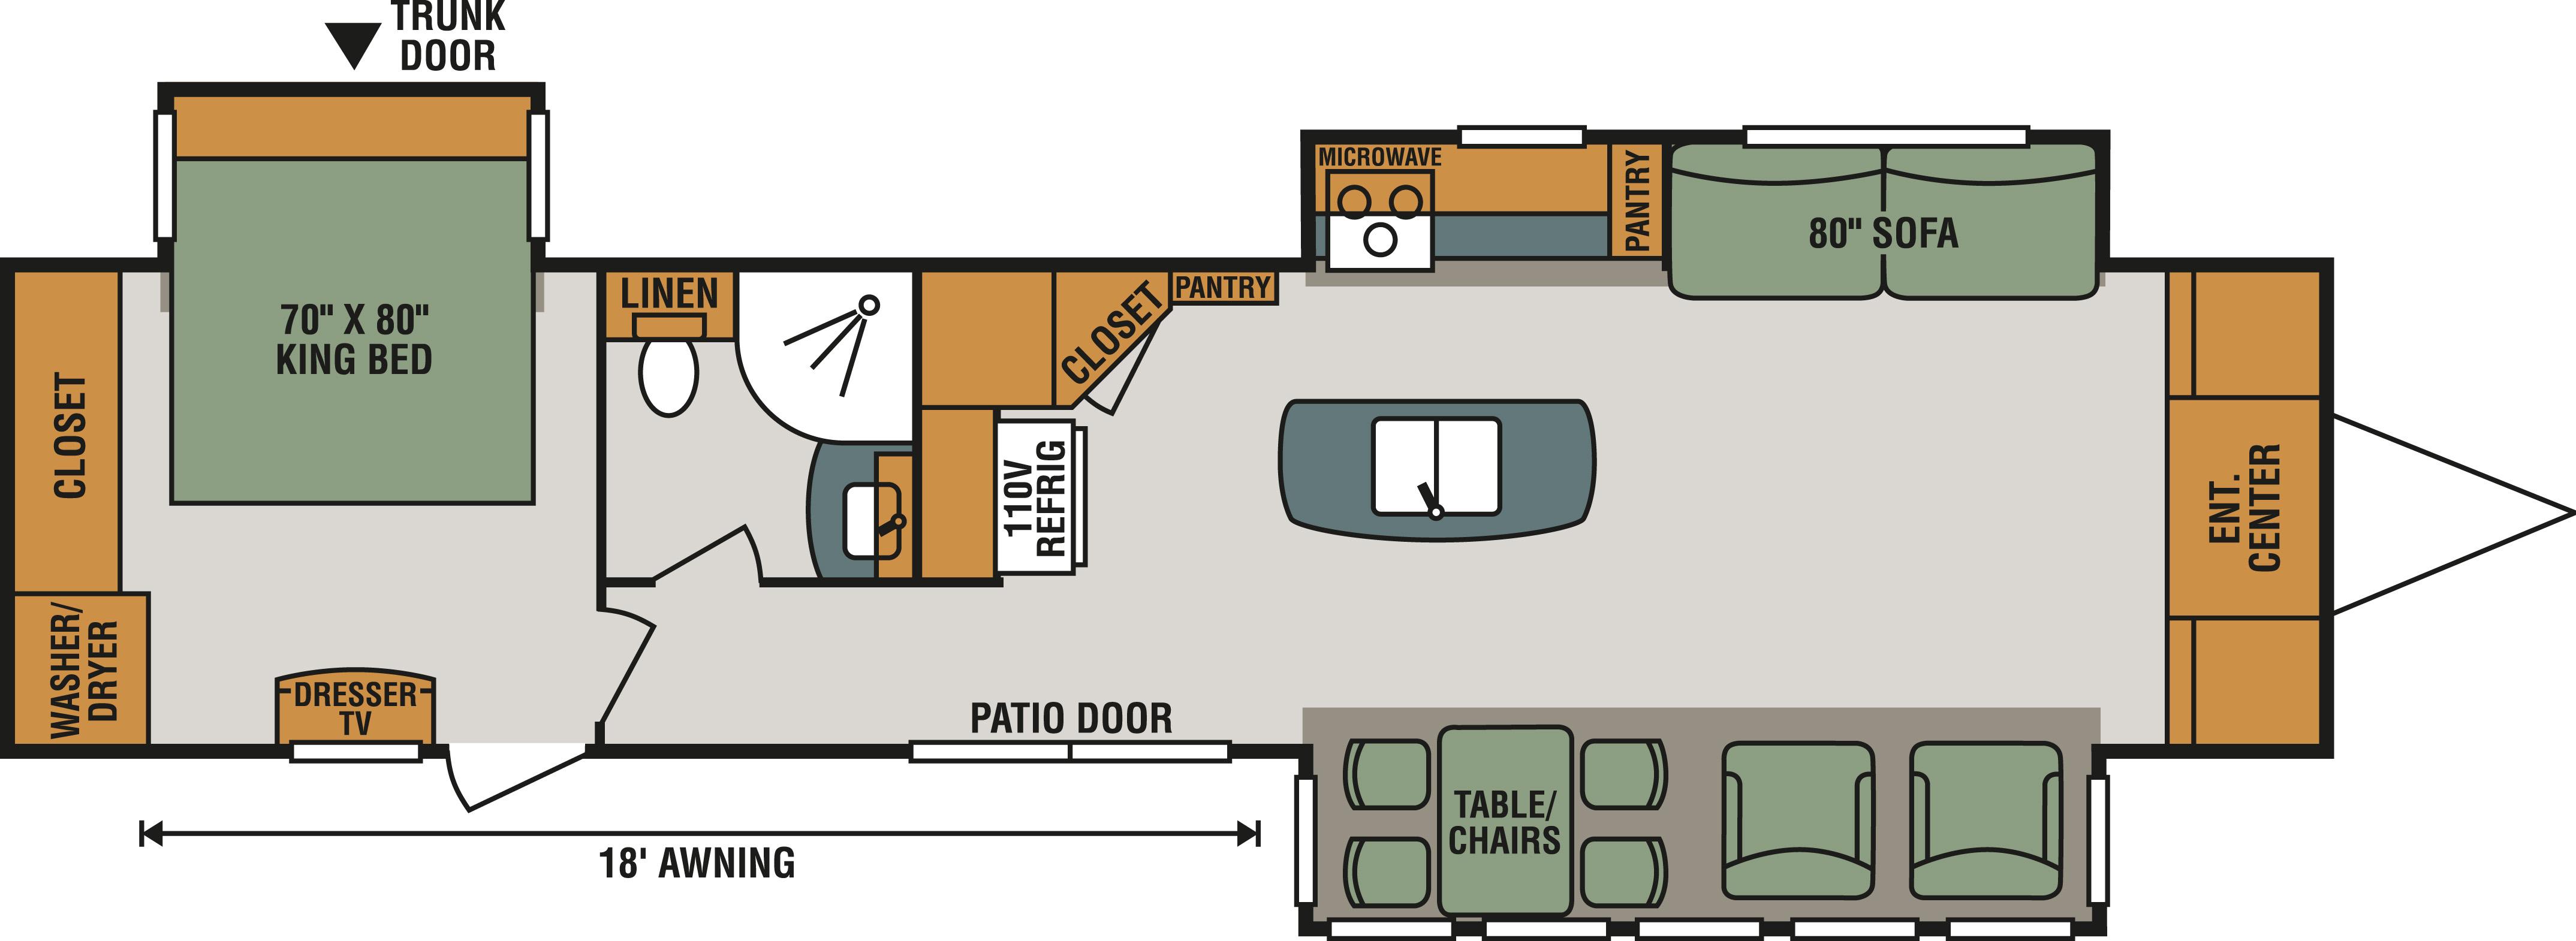 363FL Floorplan